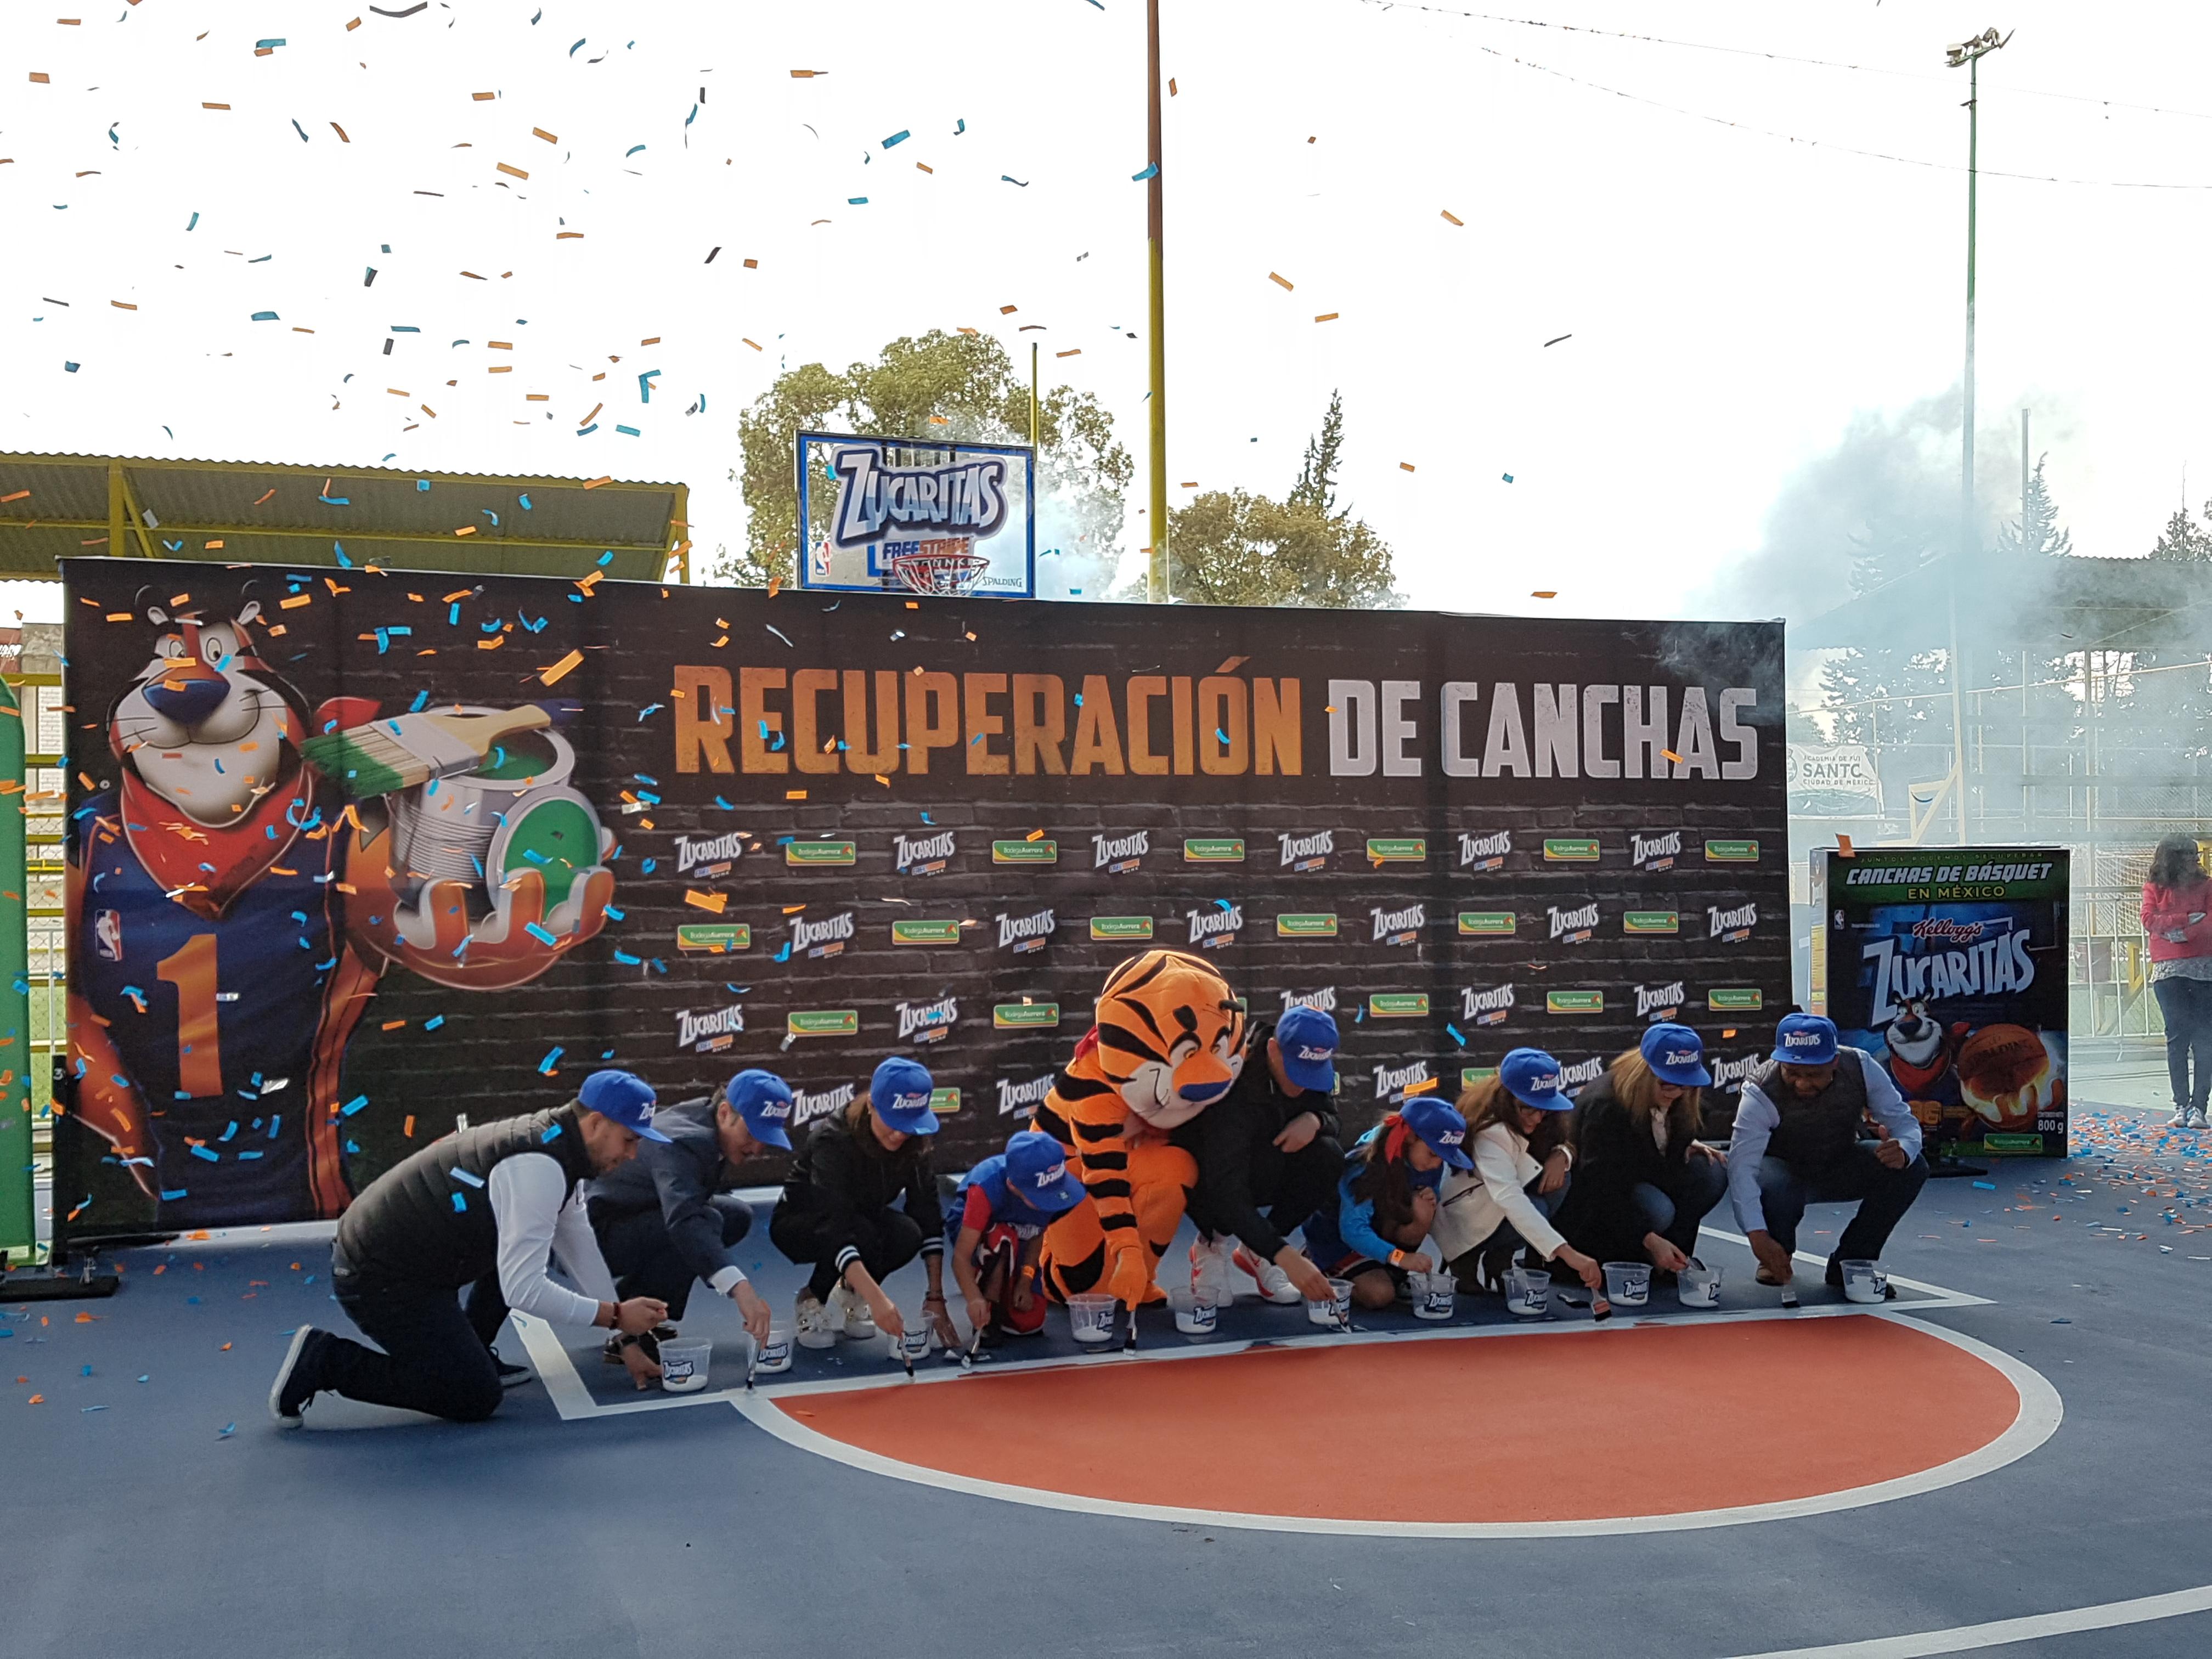 Zucaritas promueve la recuperación de canchas en México 3